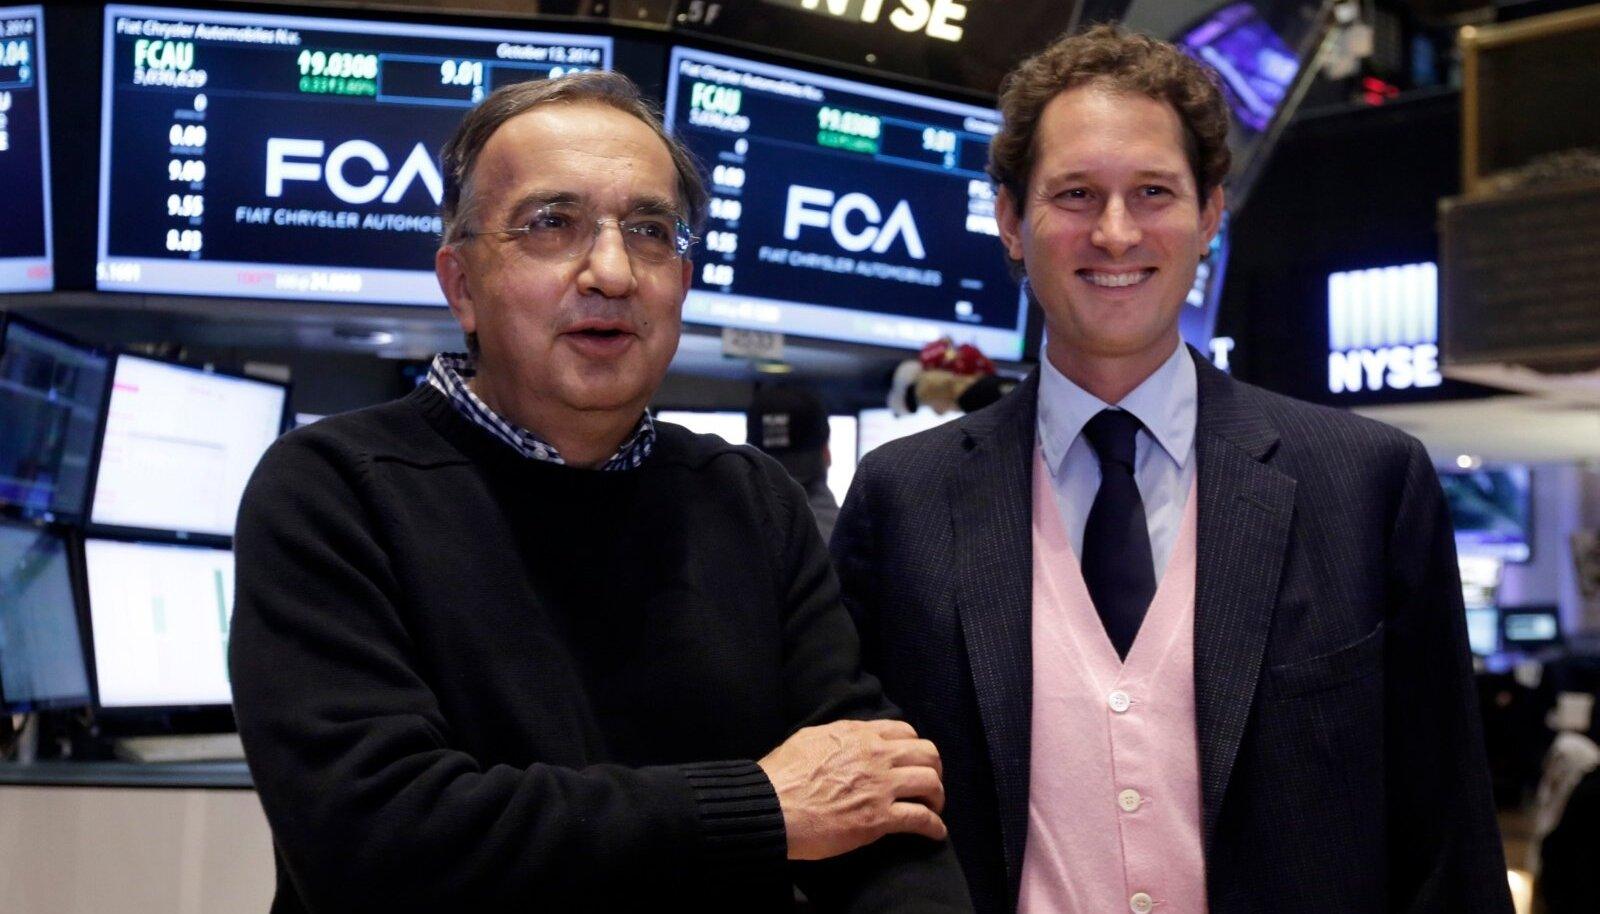 Fiat Chrysleri tegevjuht Sergio Marchionne ja juhatuse esimees John Elkann otsivad autotootjat kellega liituda.